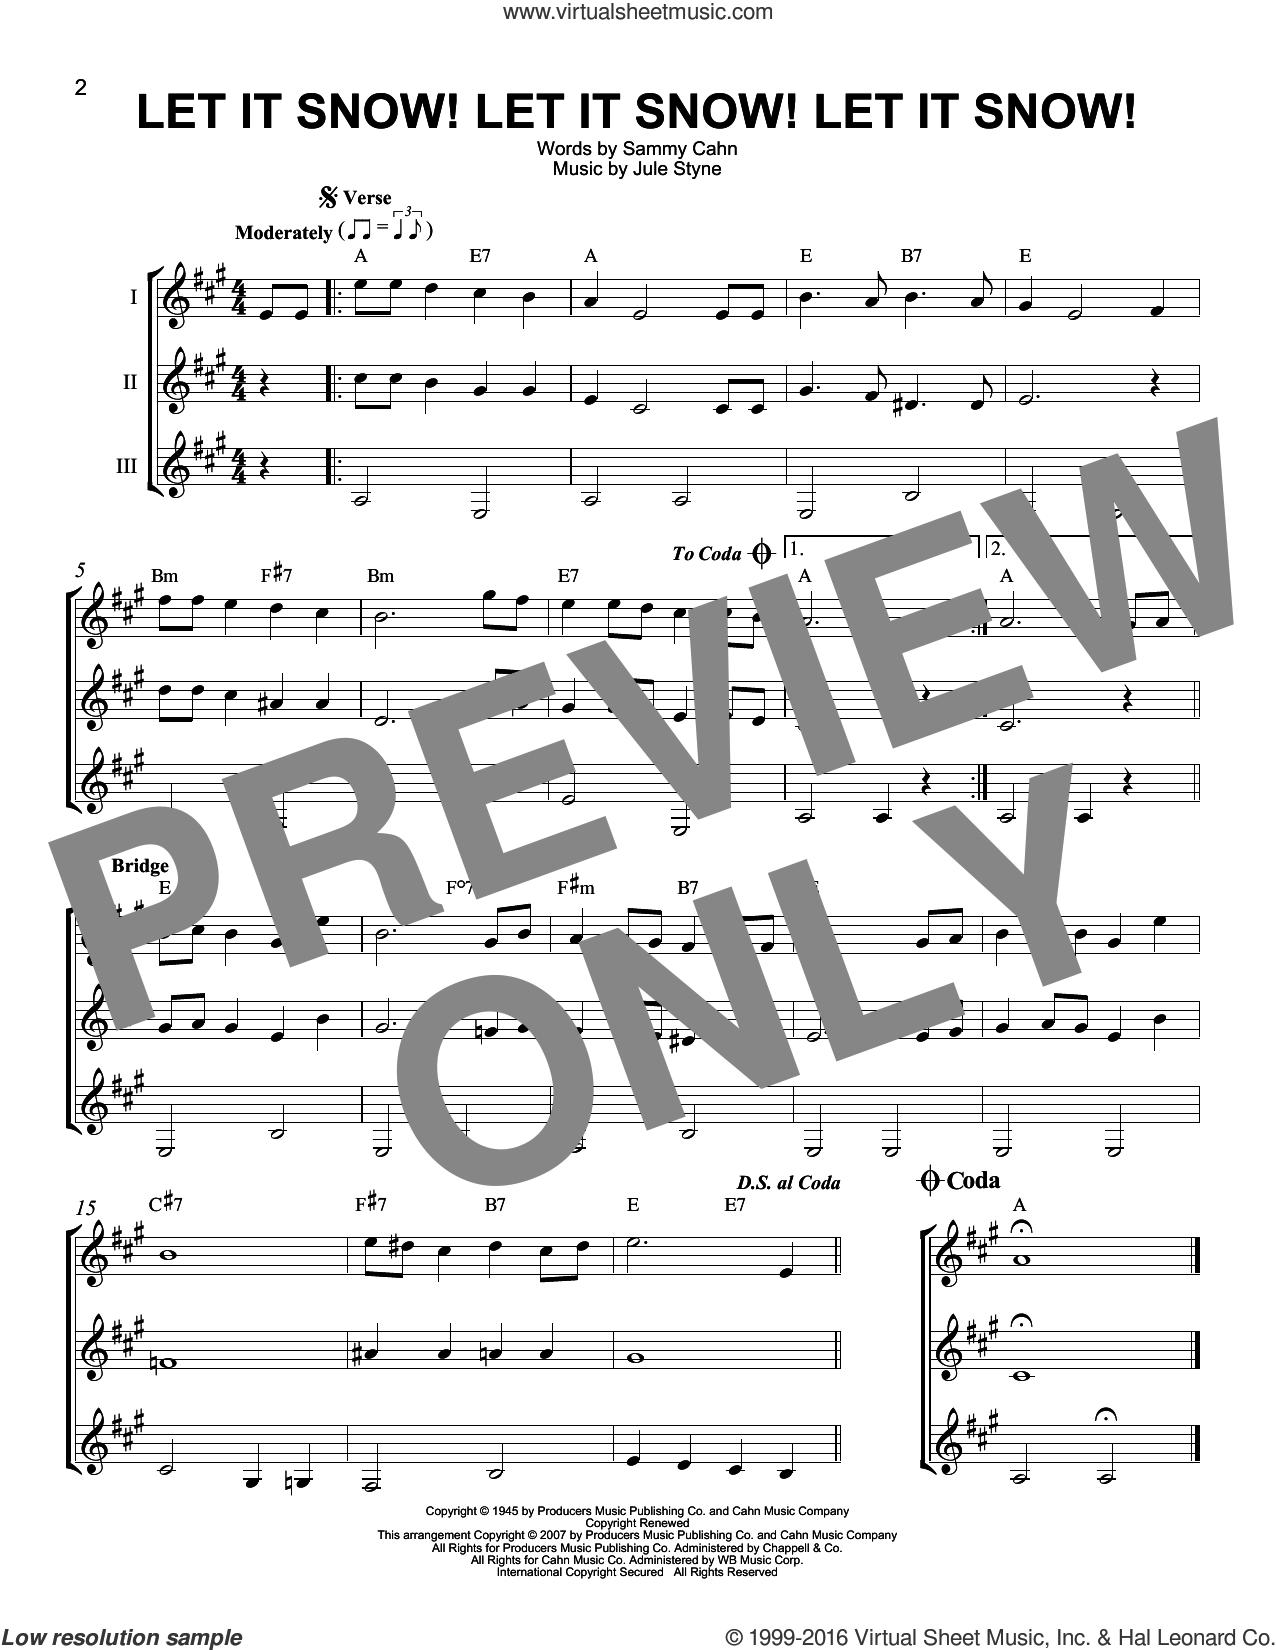 Let It Snow! Let It Snow! Let It Snow! sheet music for guitar ensemble by Sammy Cahn, Jule Styne and Sammy Cahn & Julie Styne, intermediate skill level